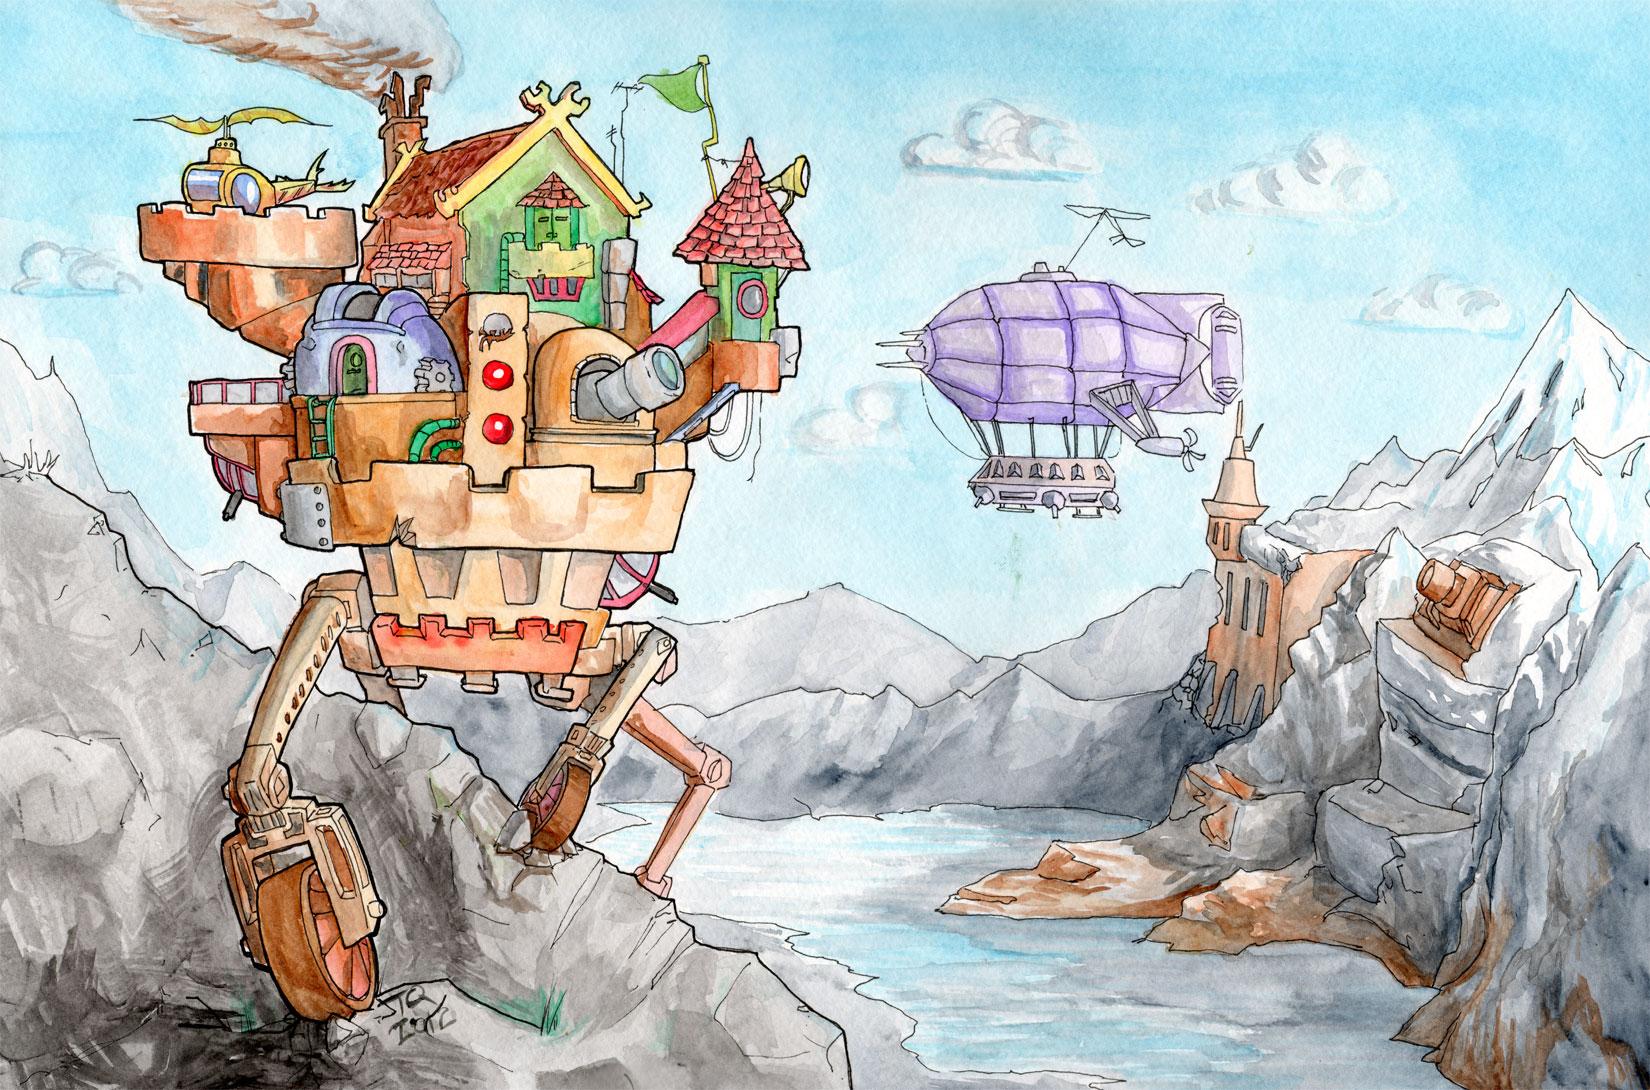 Walking Castle Scene in Watercolor